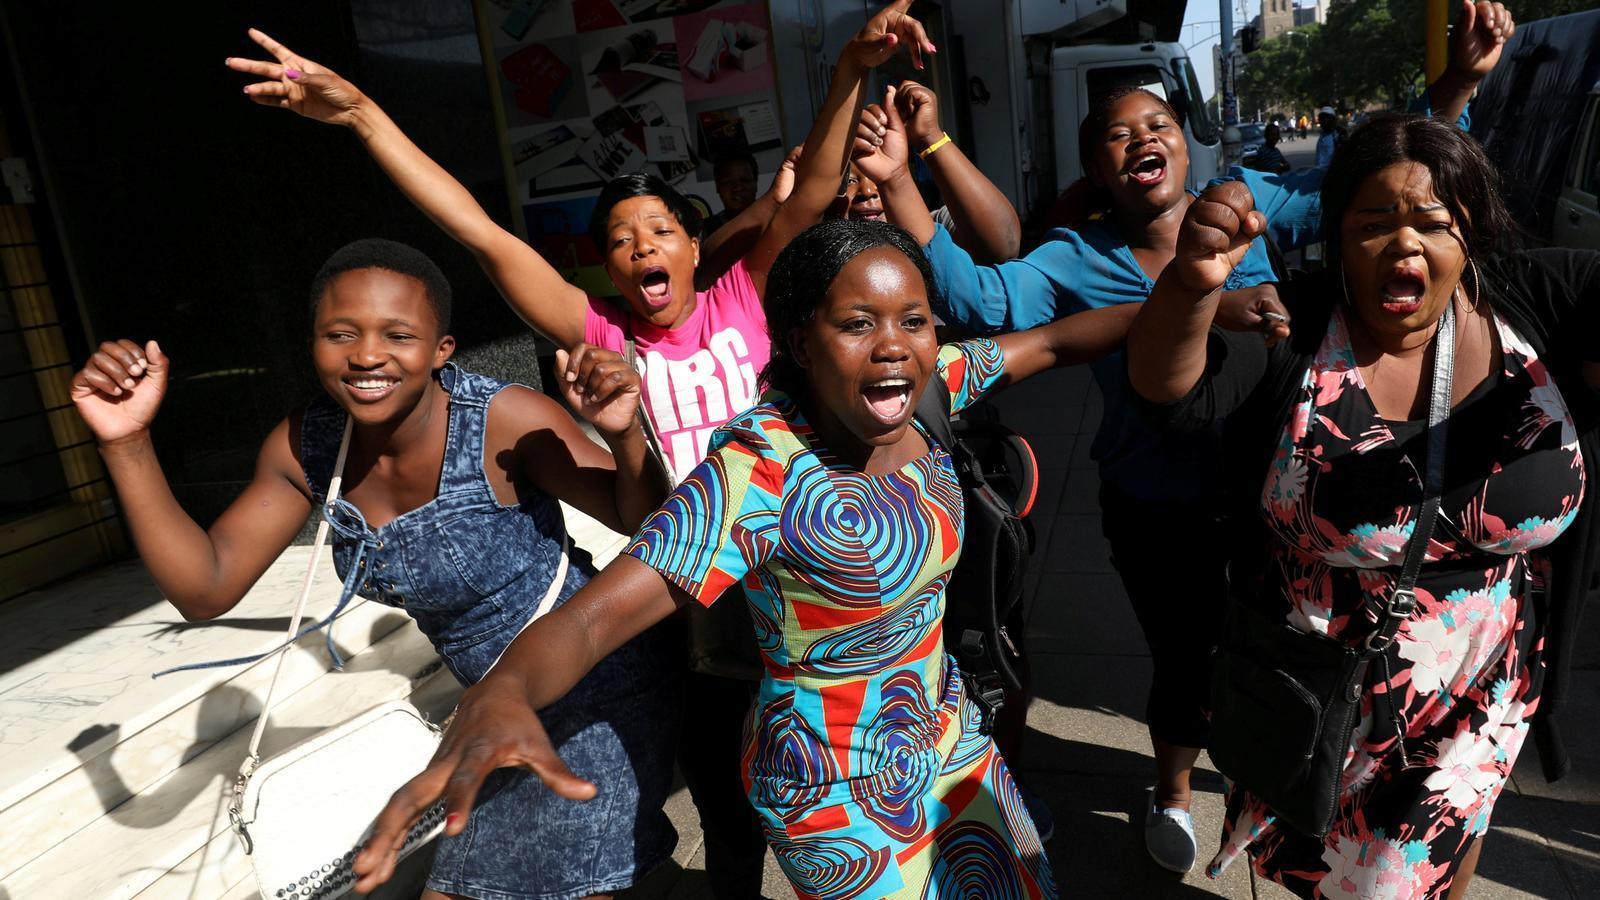 Diverses dones celebren la dimissió del ja expresident Robert Mugabe als carrers de Harare, la capital del país